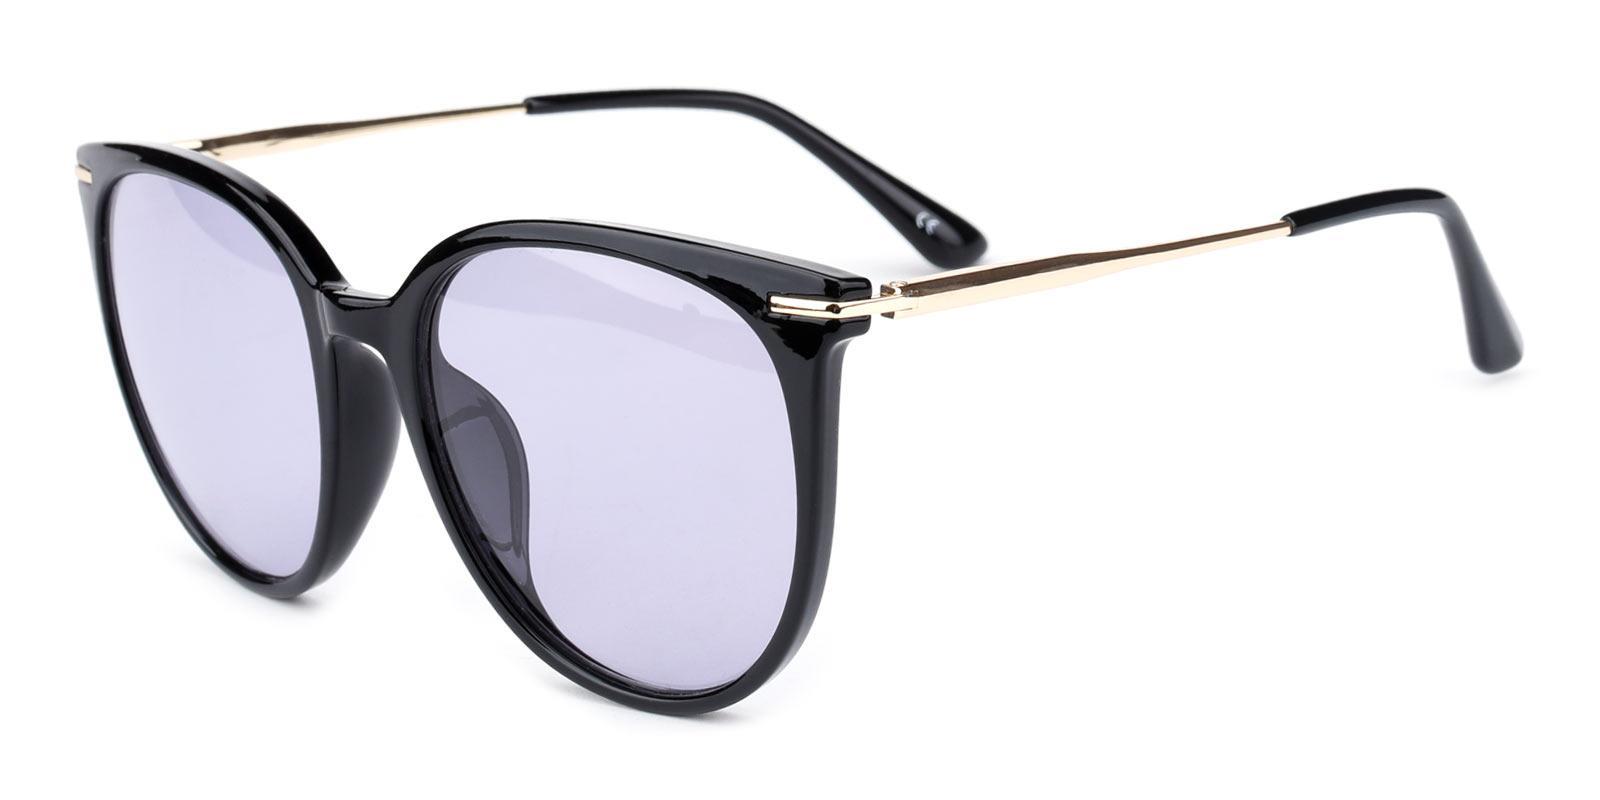 Memoria-Black-Round / Cat-Metal / Combination / TR-Sunglasses-additional1